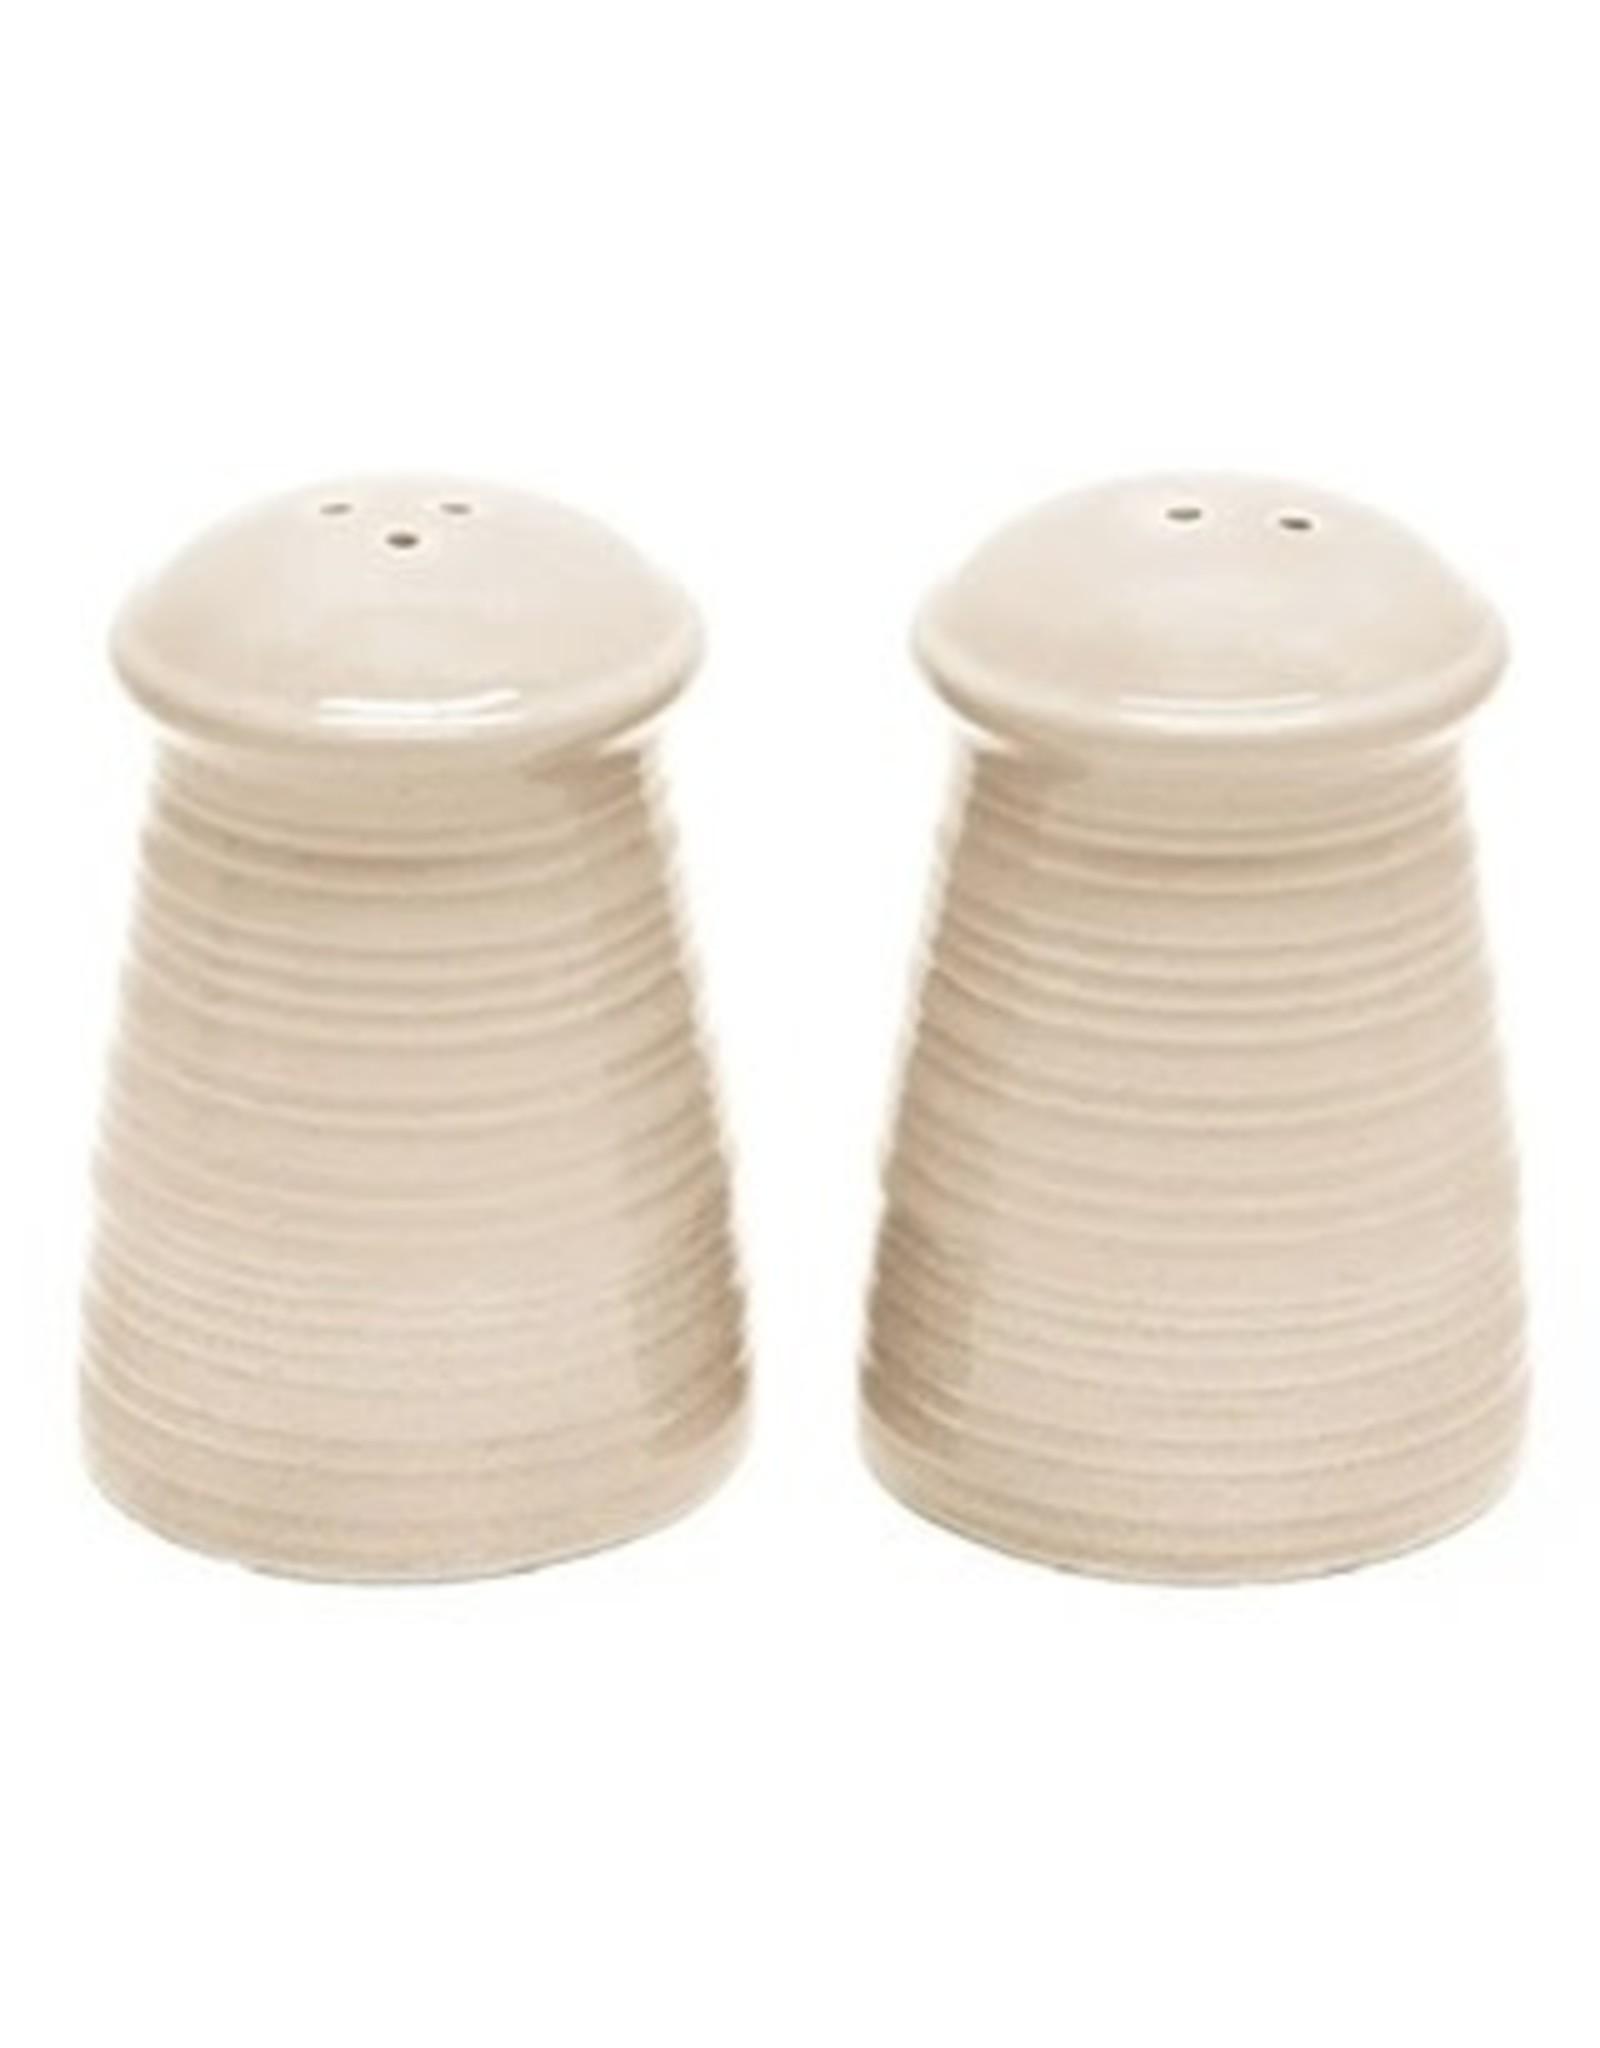 Ceramic - Cream  Salt and Pepper Set